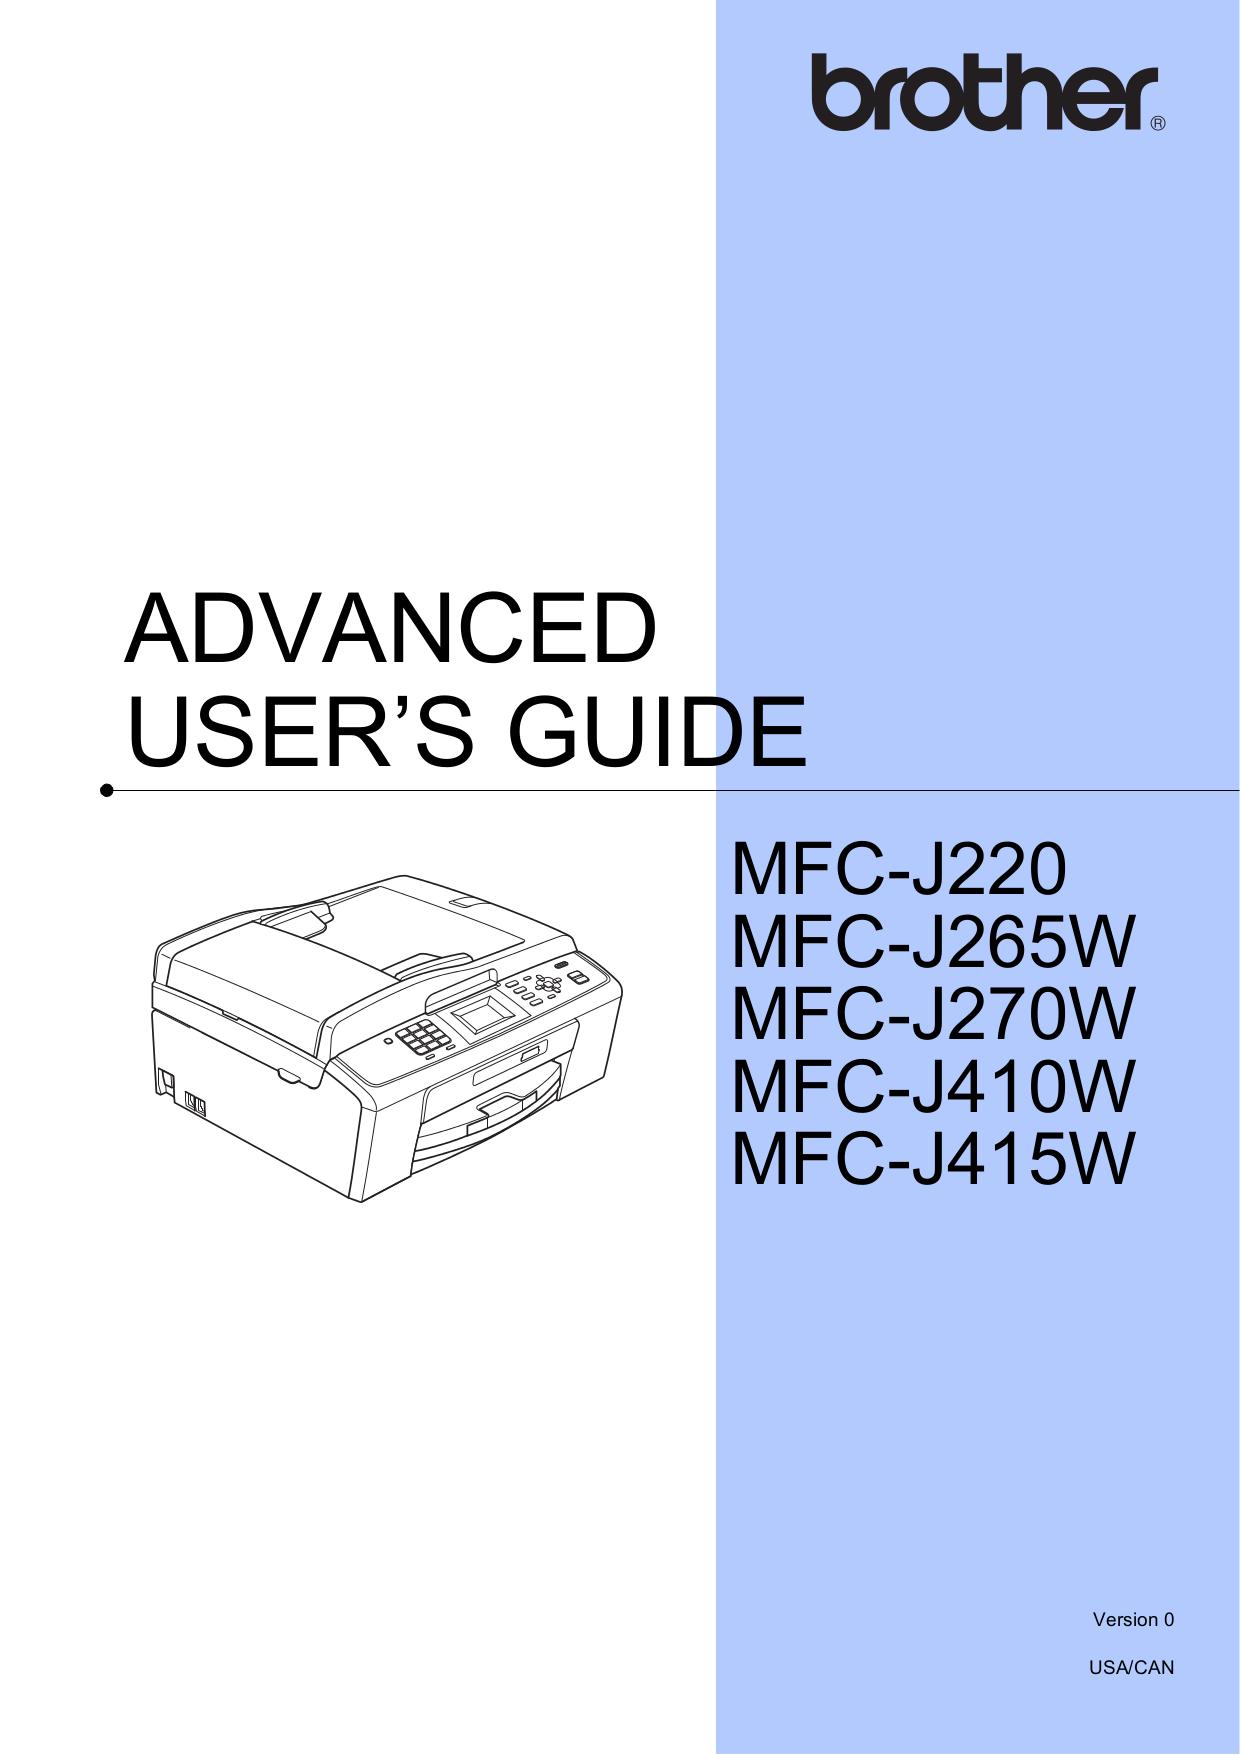 brother mfc j470dw manual pdf